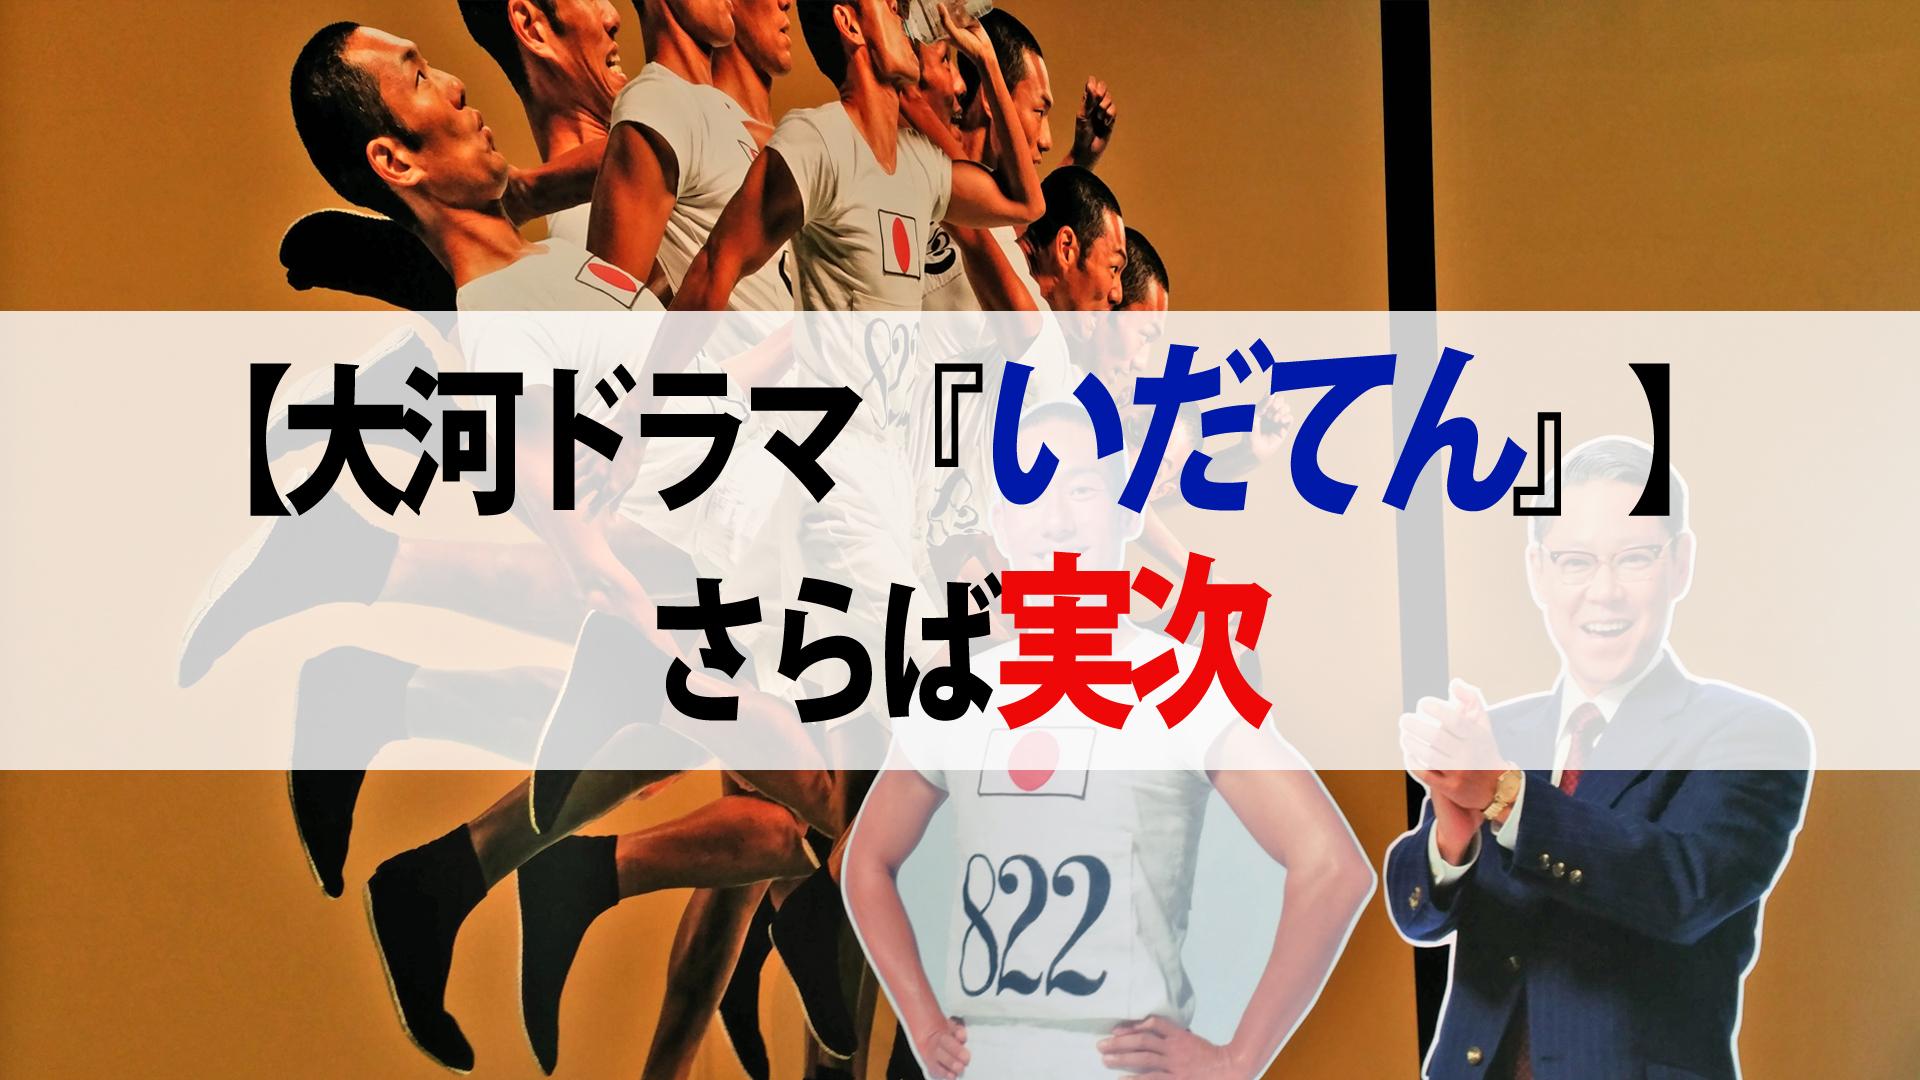 【いだてん『替り目』】『さらば実次』『四三から政治へ』『前畑秀子登場』第27回への反響まとめ